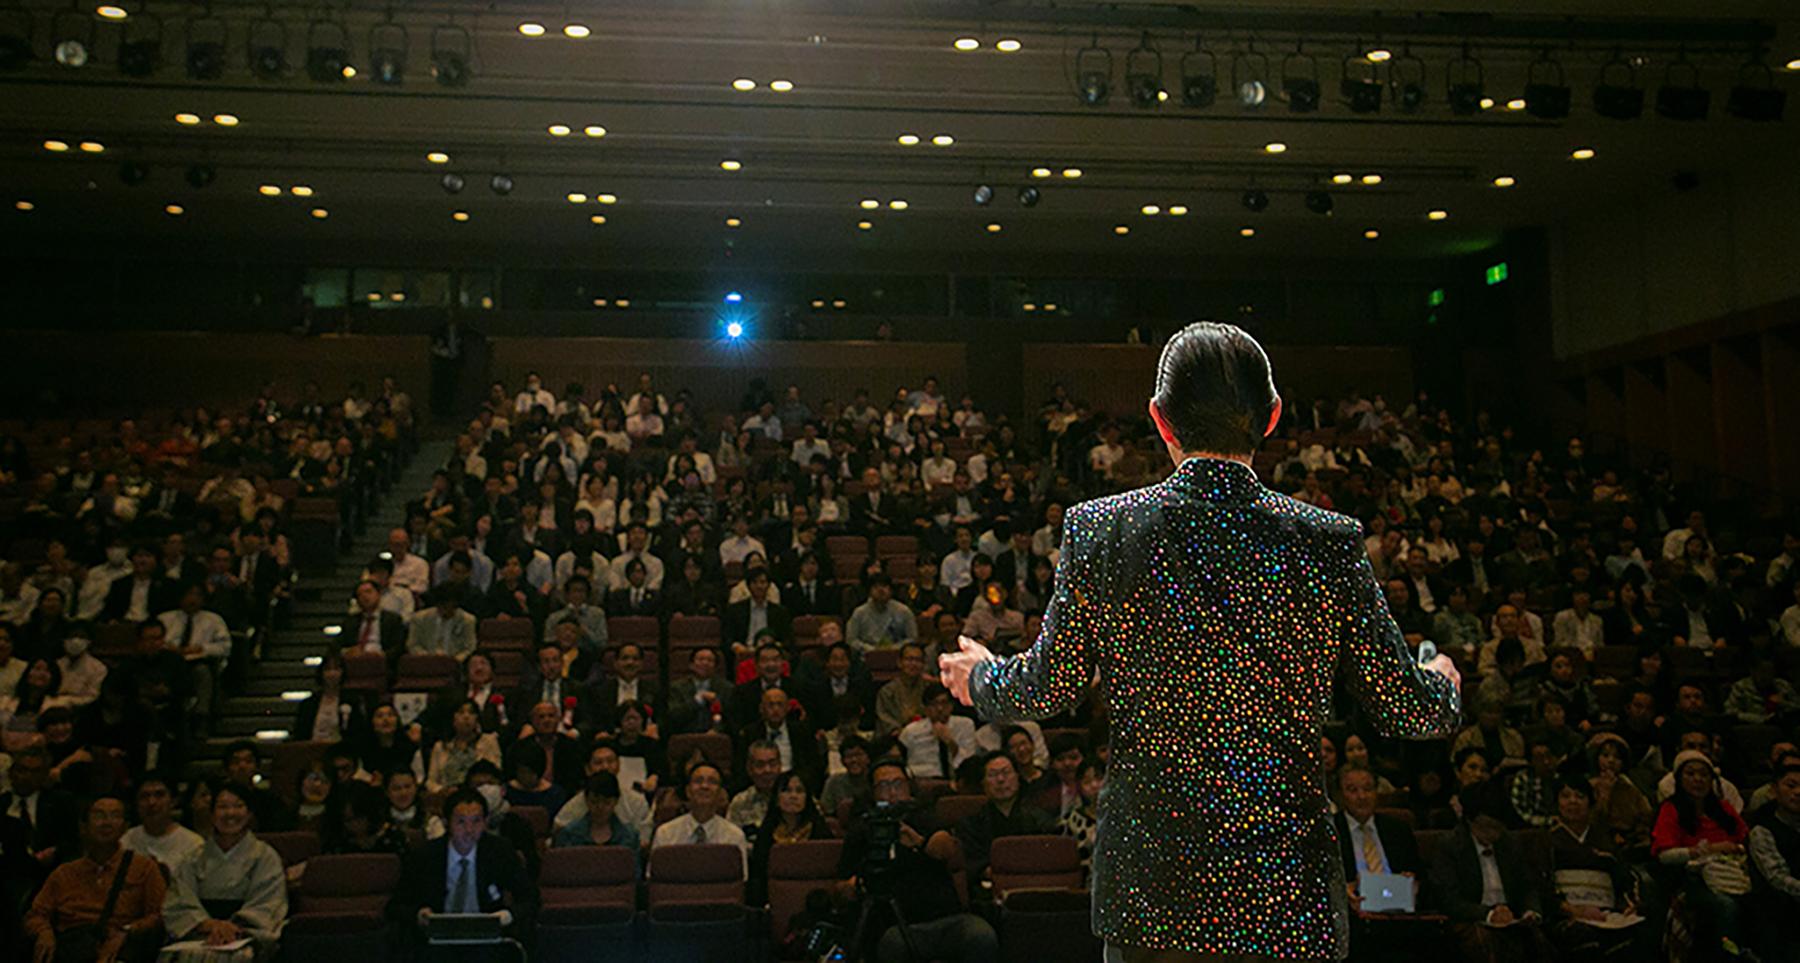 第7回 全国志ビジネスプレゼンテーション大会